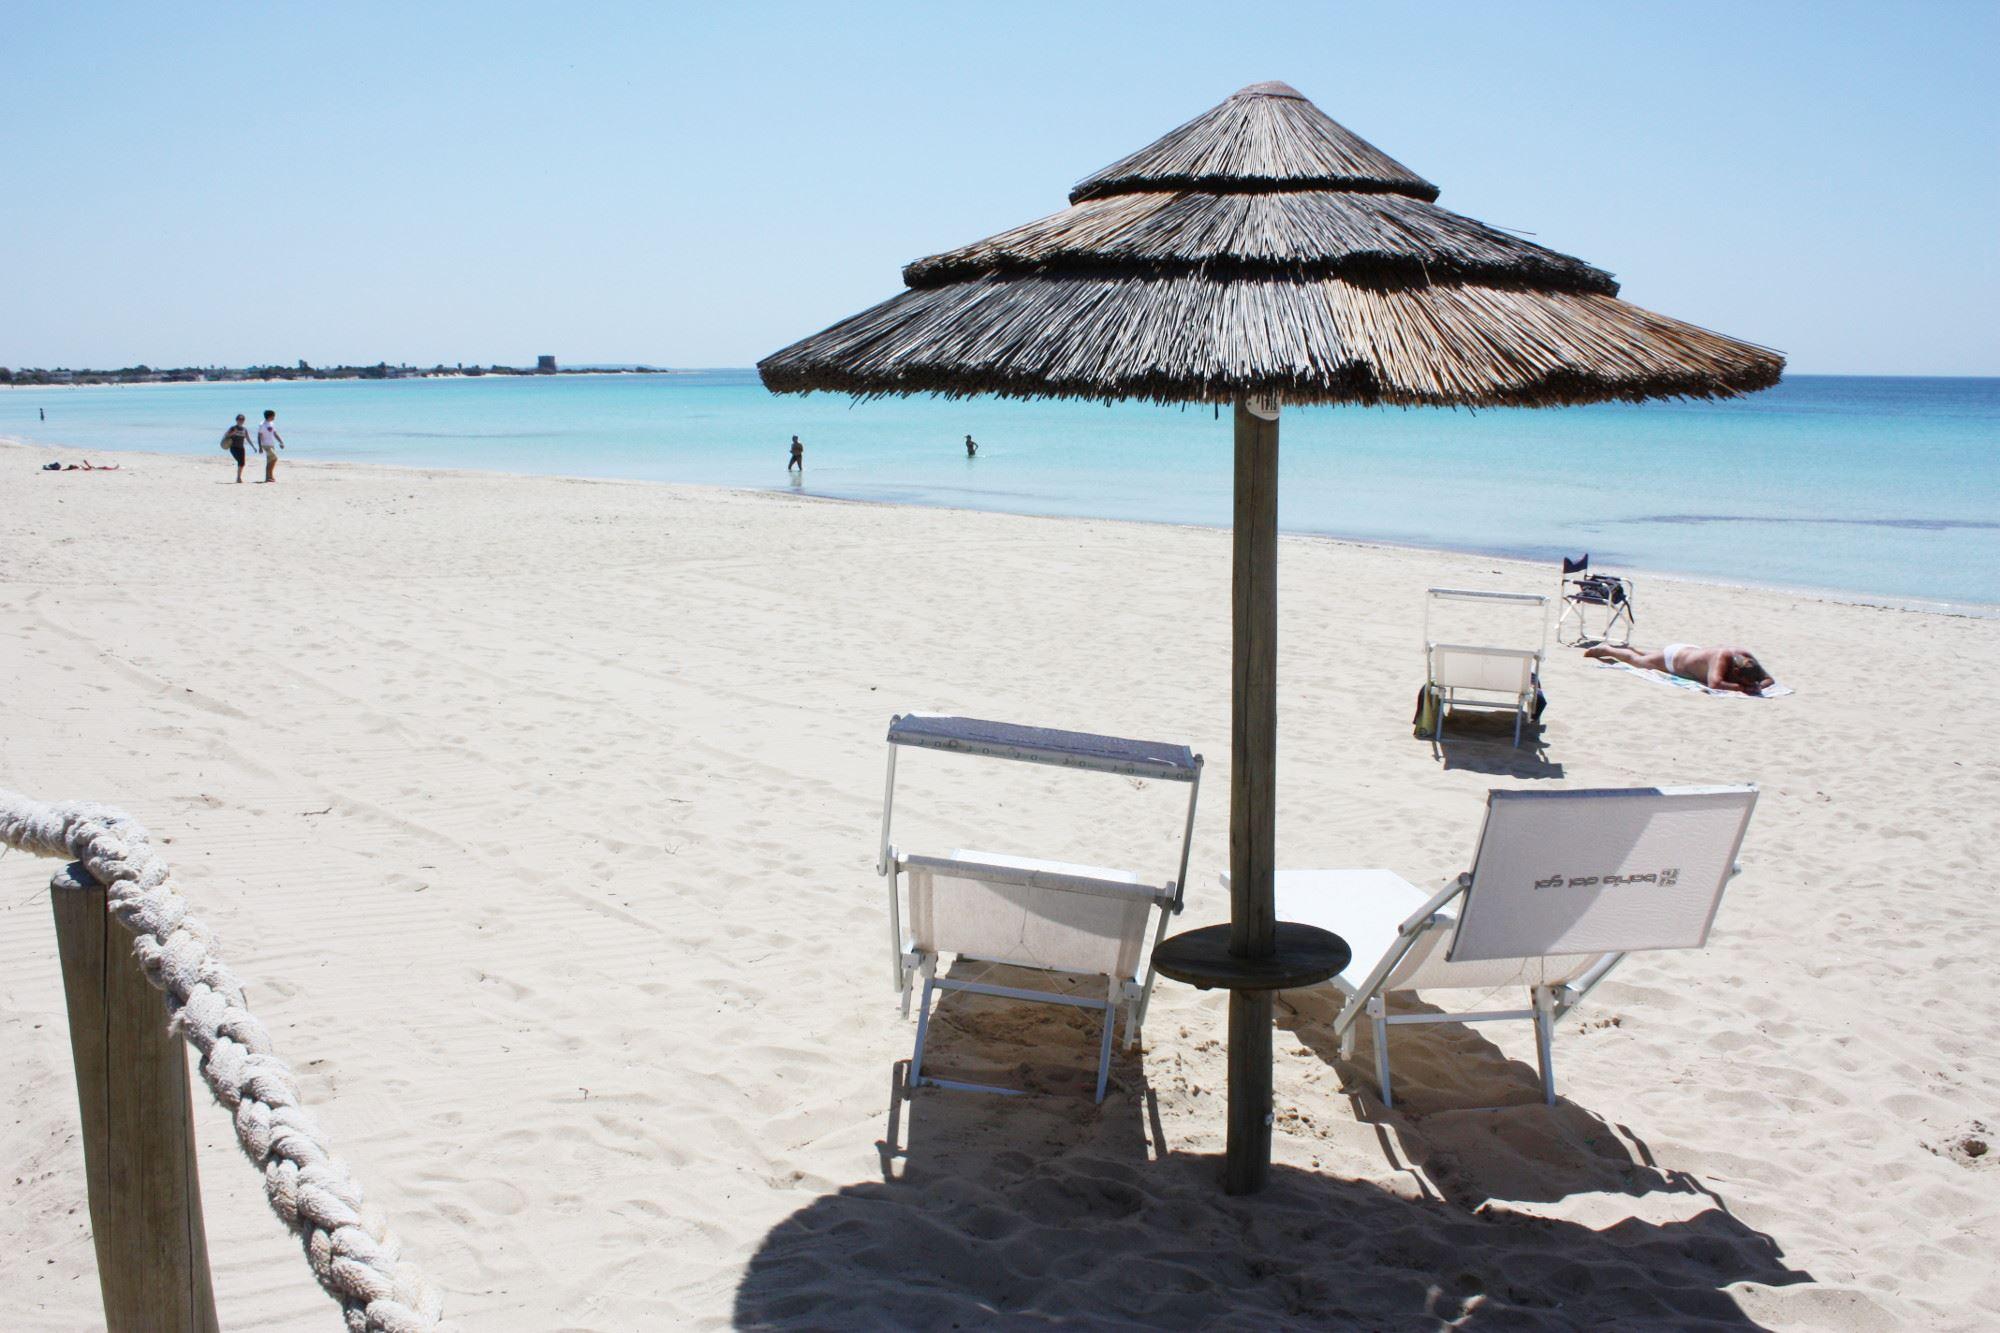 Appartamento Baia Beach 2, vicino alla spiaggia